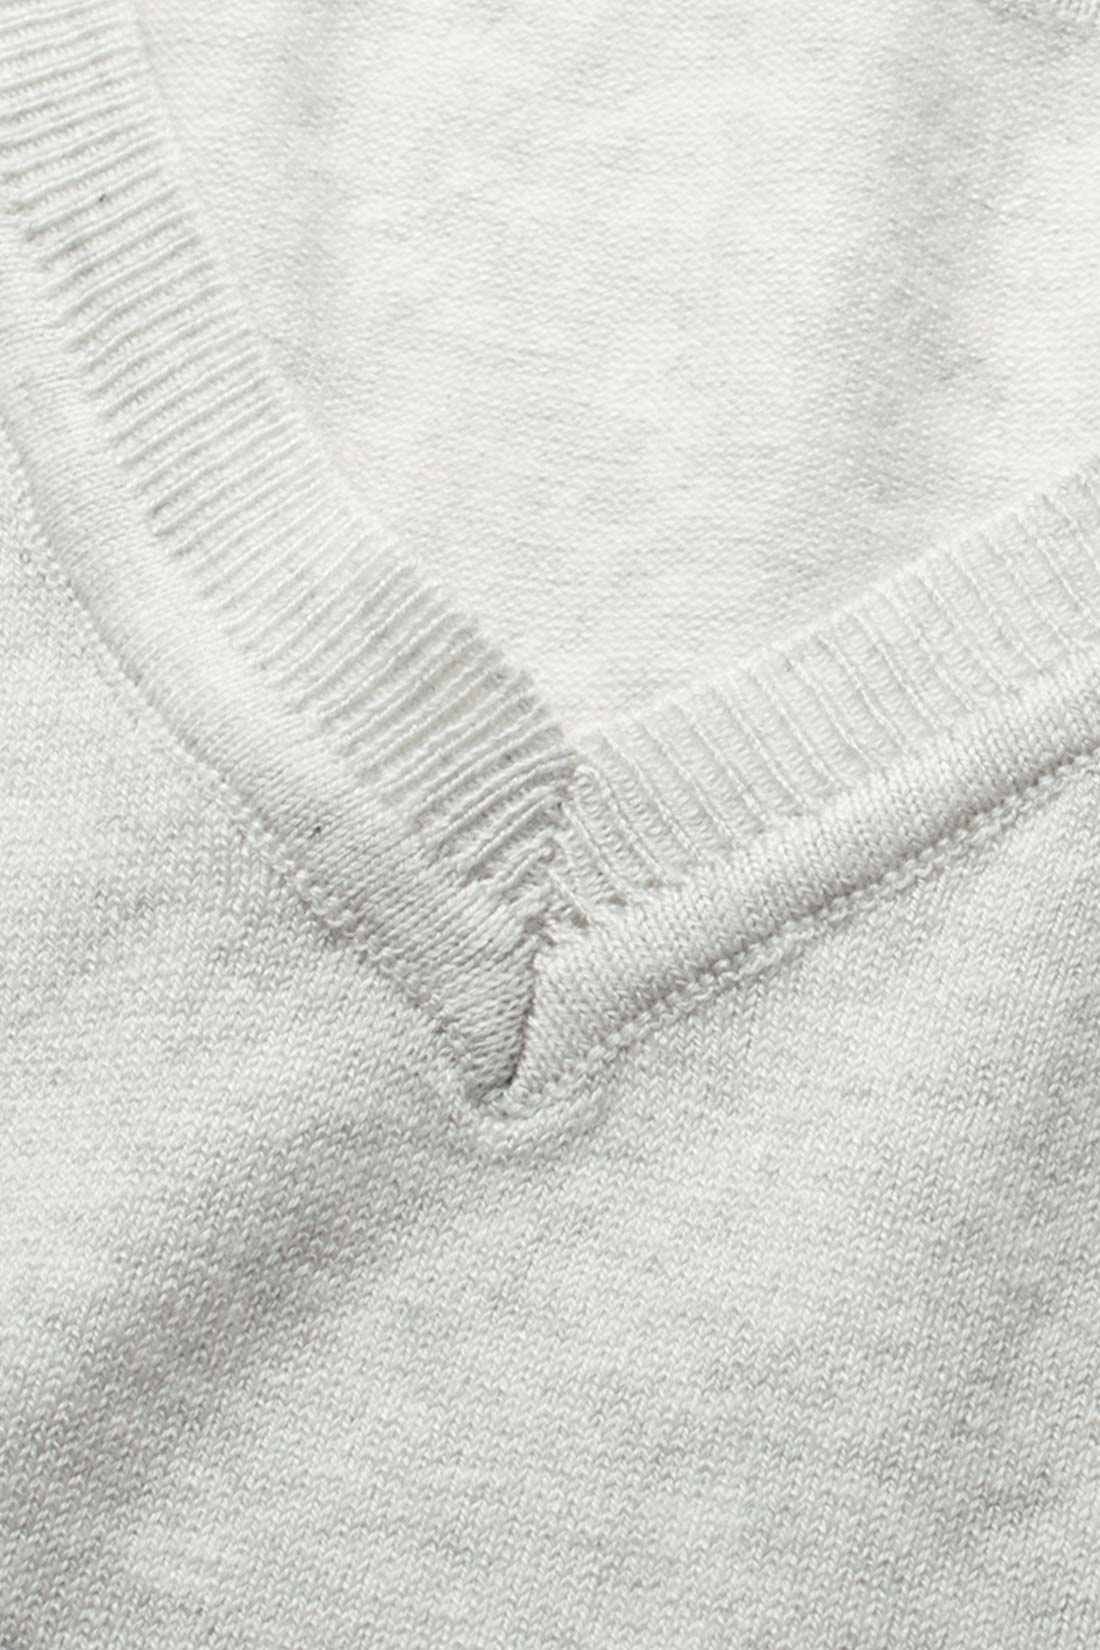 編地に変化をつけた衿もとがポイントに。 ※お届けするカラーとは異なります。